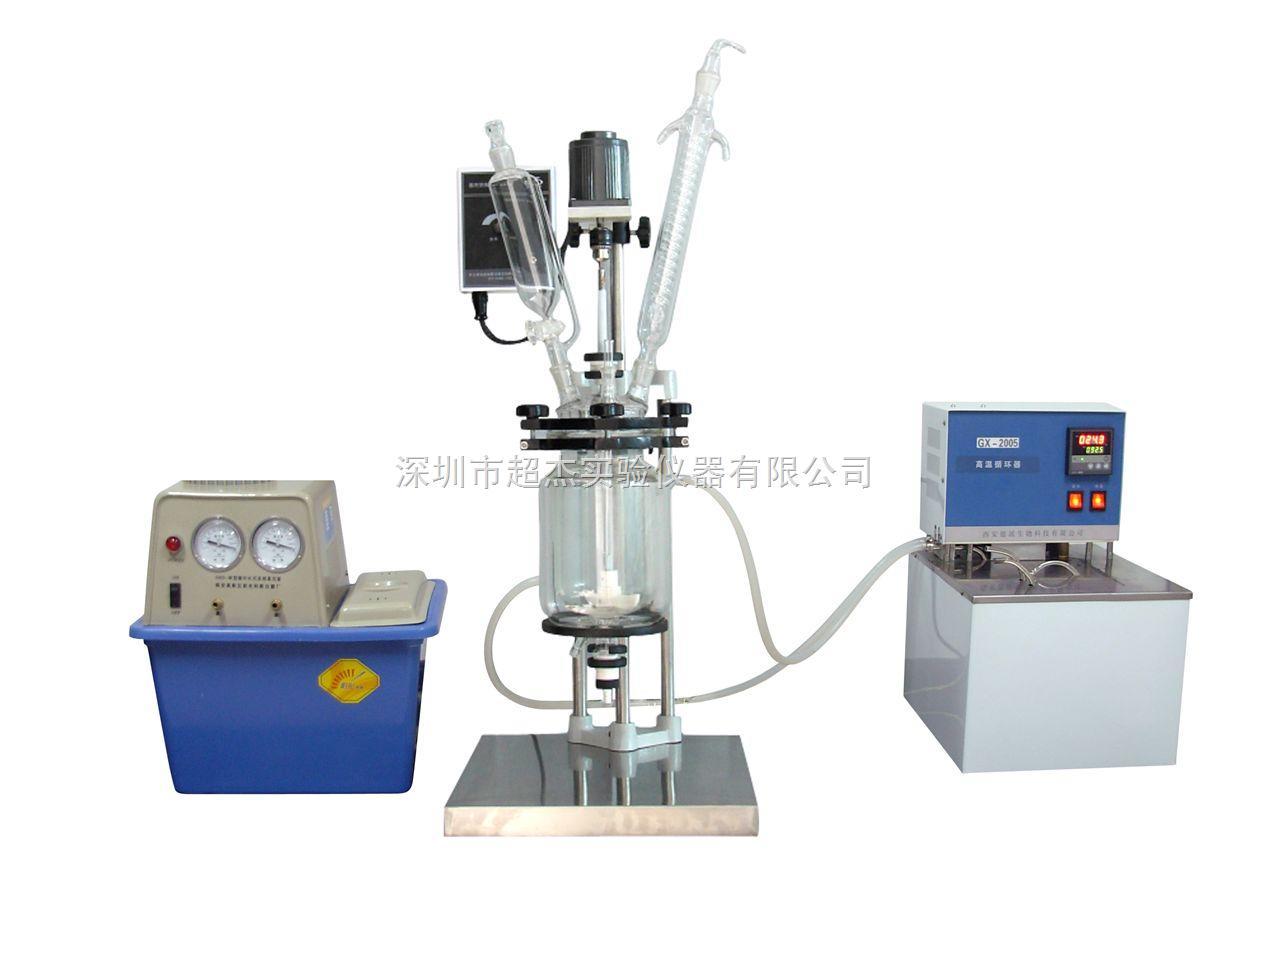 深圳小型双层玻璃反应釜2L-深圳超杰仪器